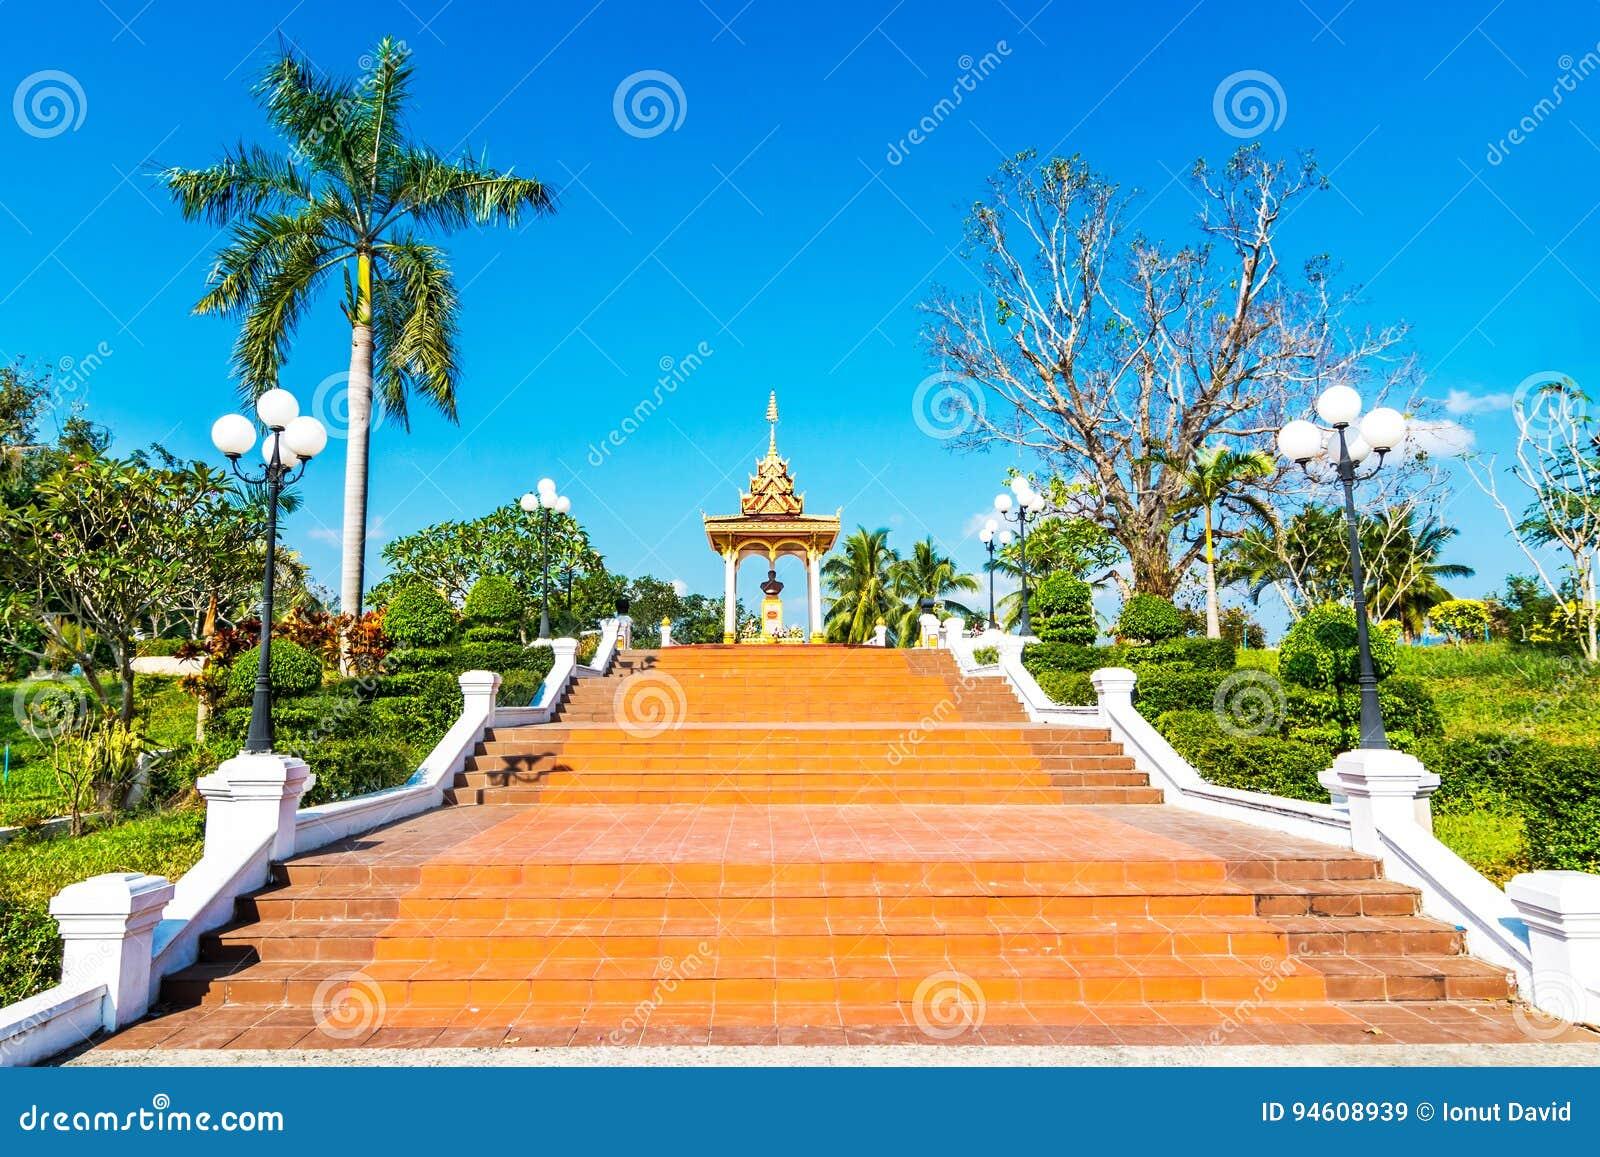 Parco pubblico, Luang Prabang, Laos